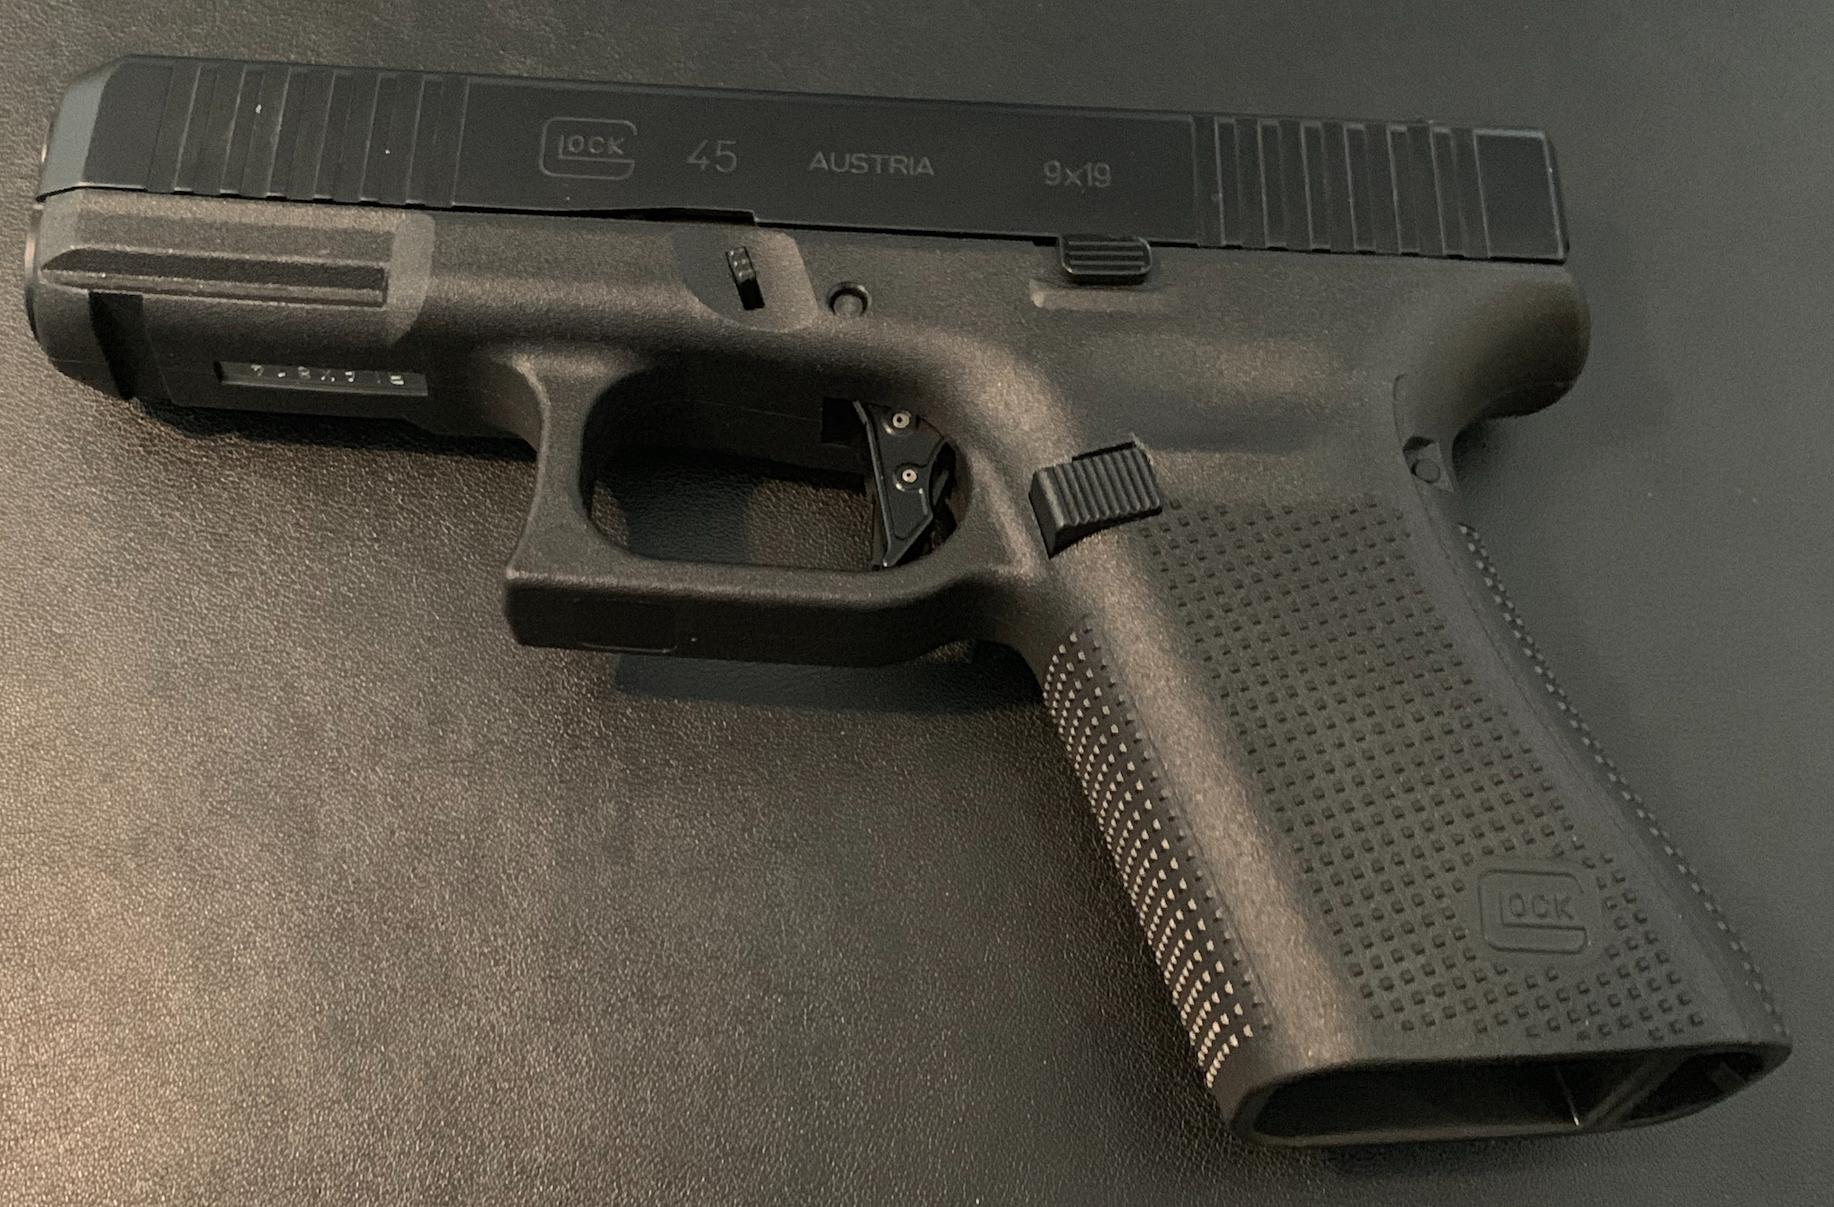 Glock 45 is now a Glock 19-glock_45_grip_chop_to_glock_19.png